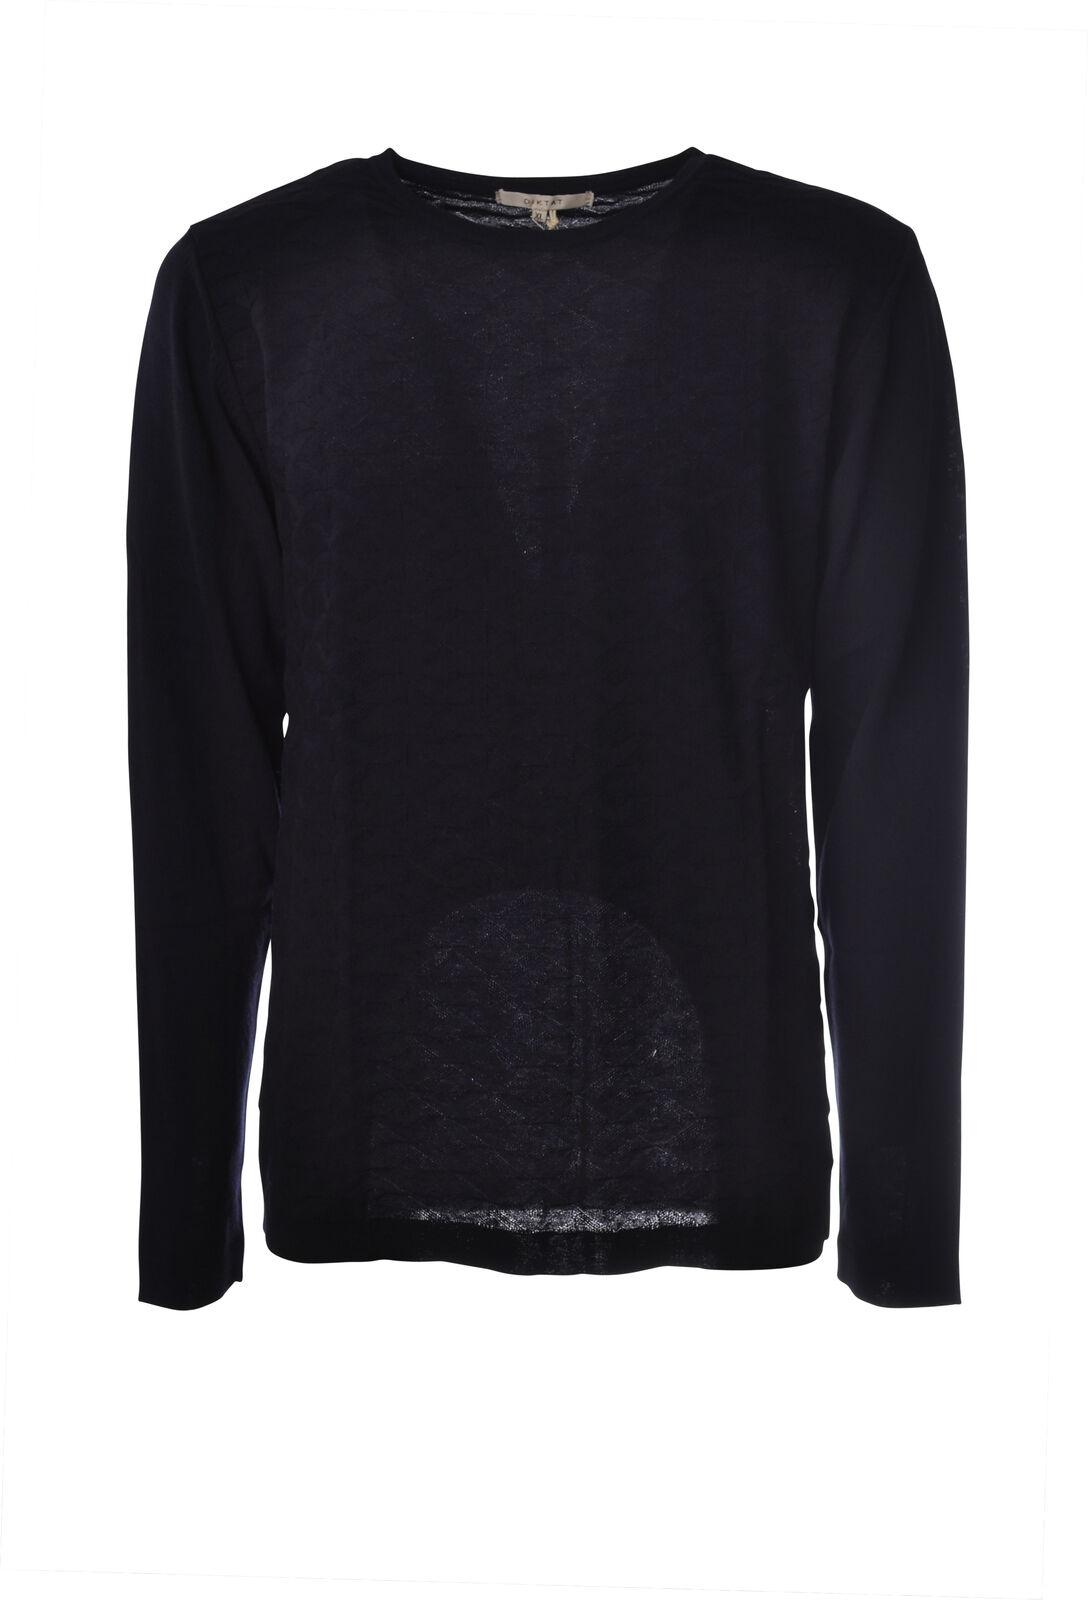 Diktat - Knitwear-Sweaters - Man - bluee - 5246420F181337